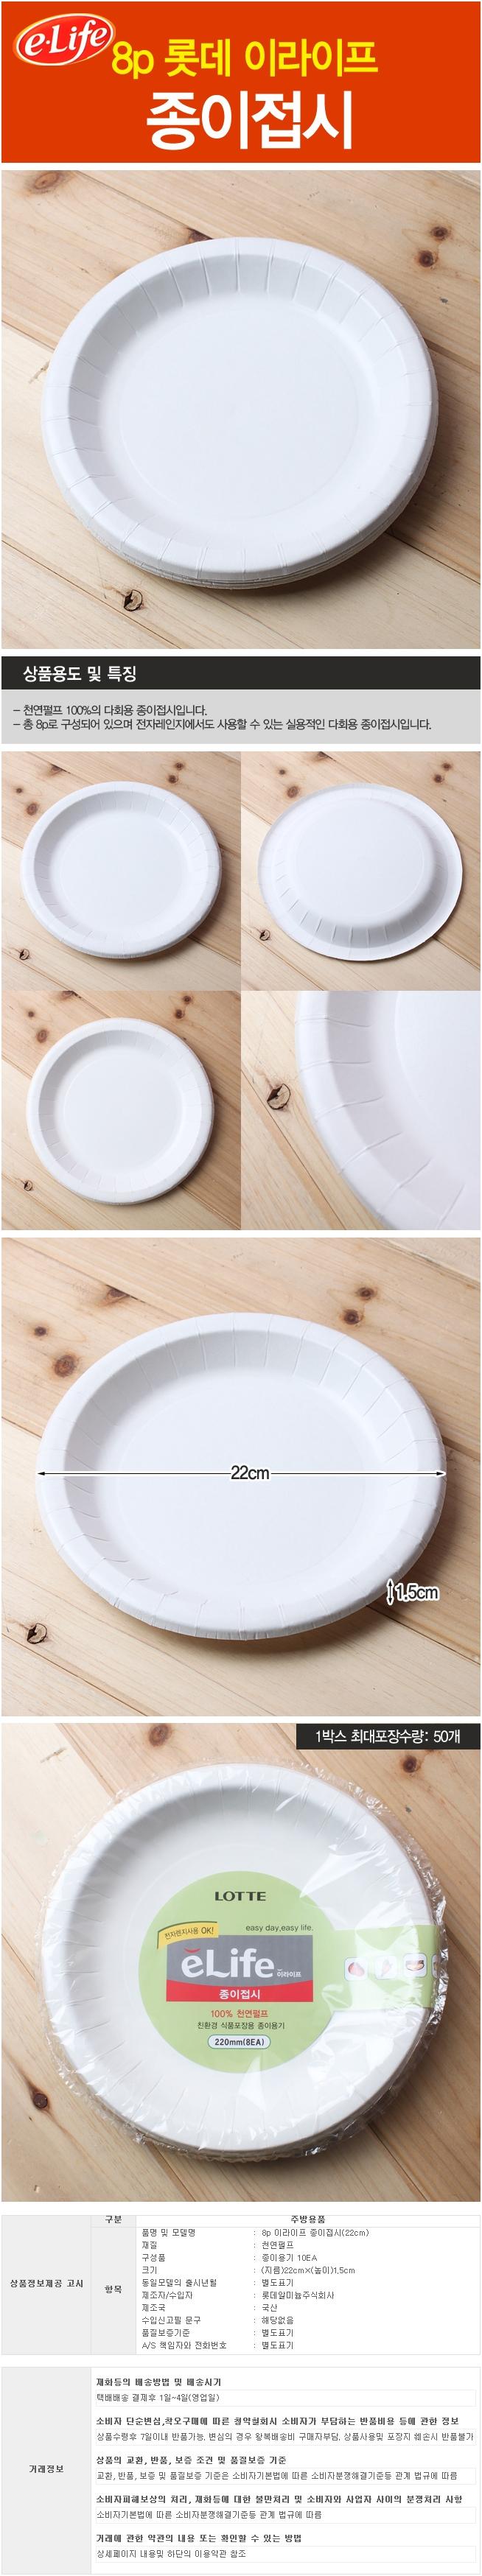 일회용접시,일회용용기,일회용그릇,종이접시,플라스틱접시,접시,그릇,일회용품,위생접시,일회용,종이그릇,친환경접시